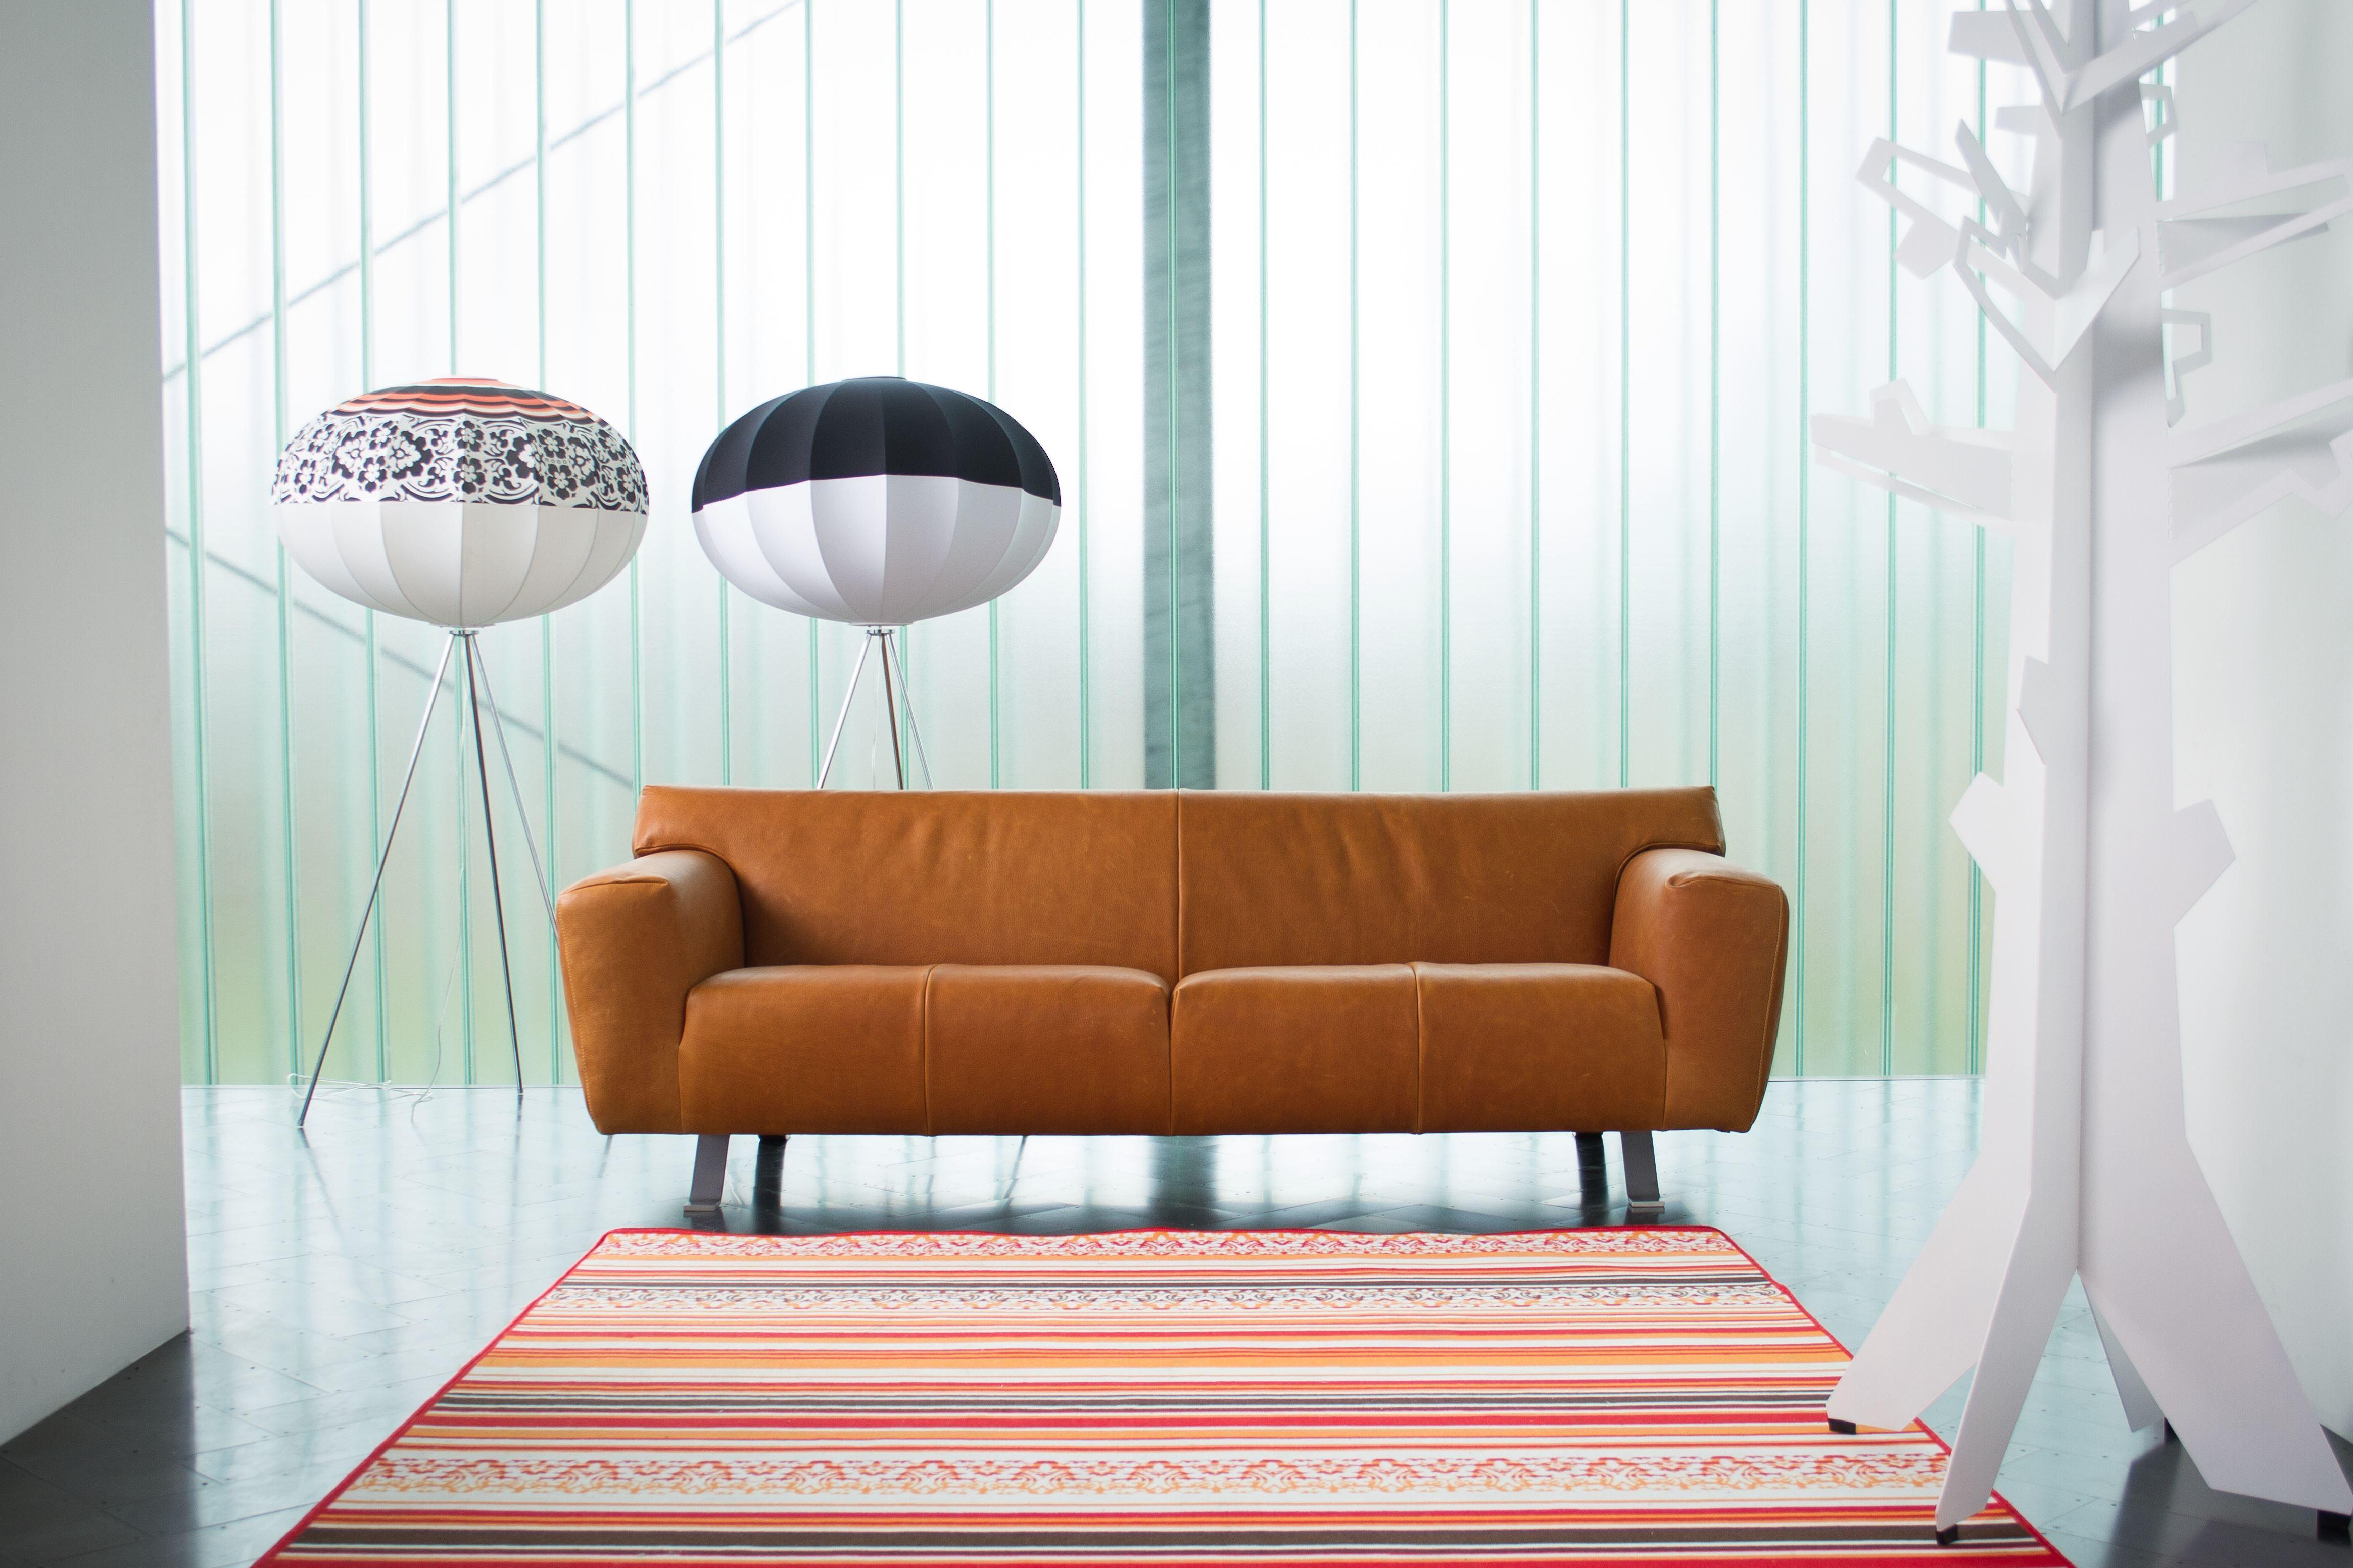 Design Bank Gerard Van De Berg.Label Design By Gerard Van Den Berg Sofa Santiago In Leather